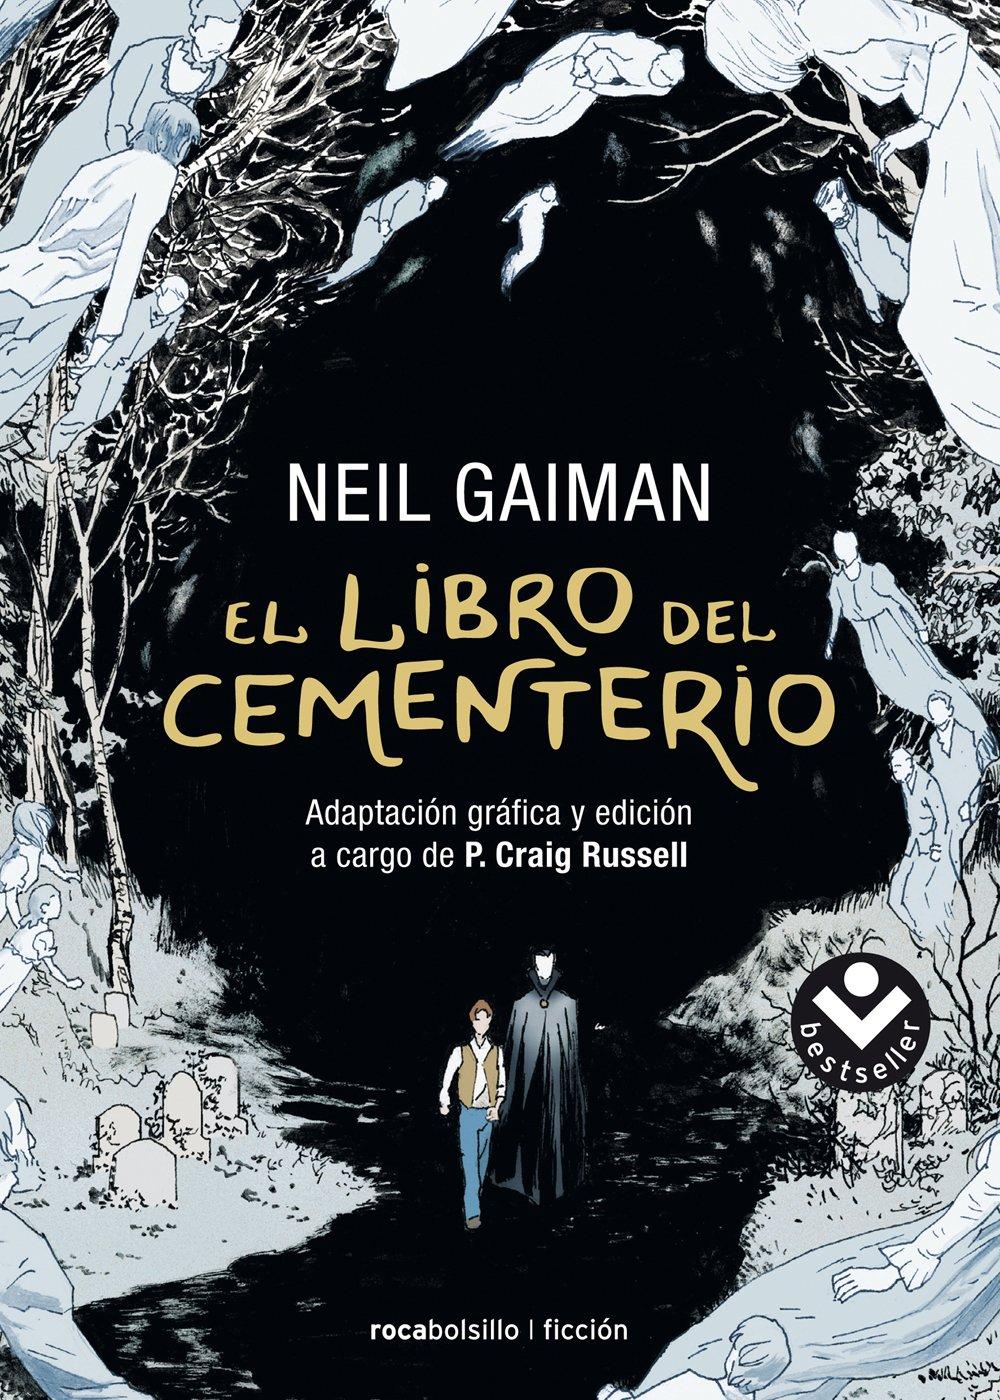 Resultado de imagen de 'El libro del cementerio' de Neil Gaiman